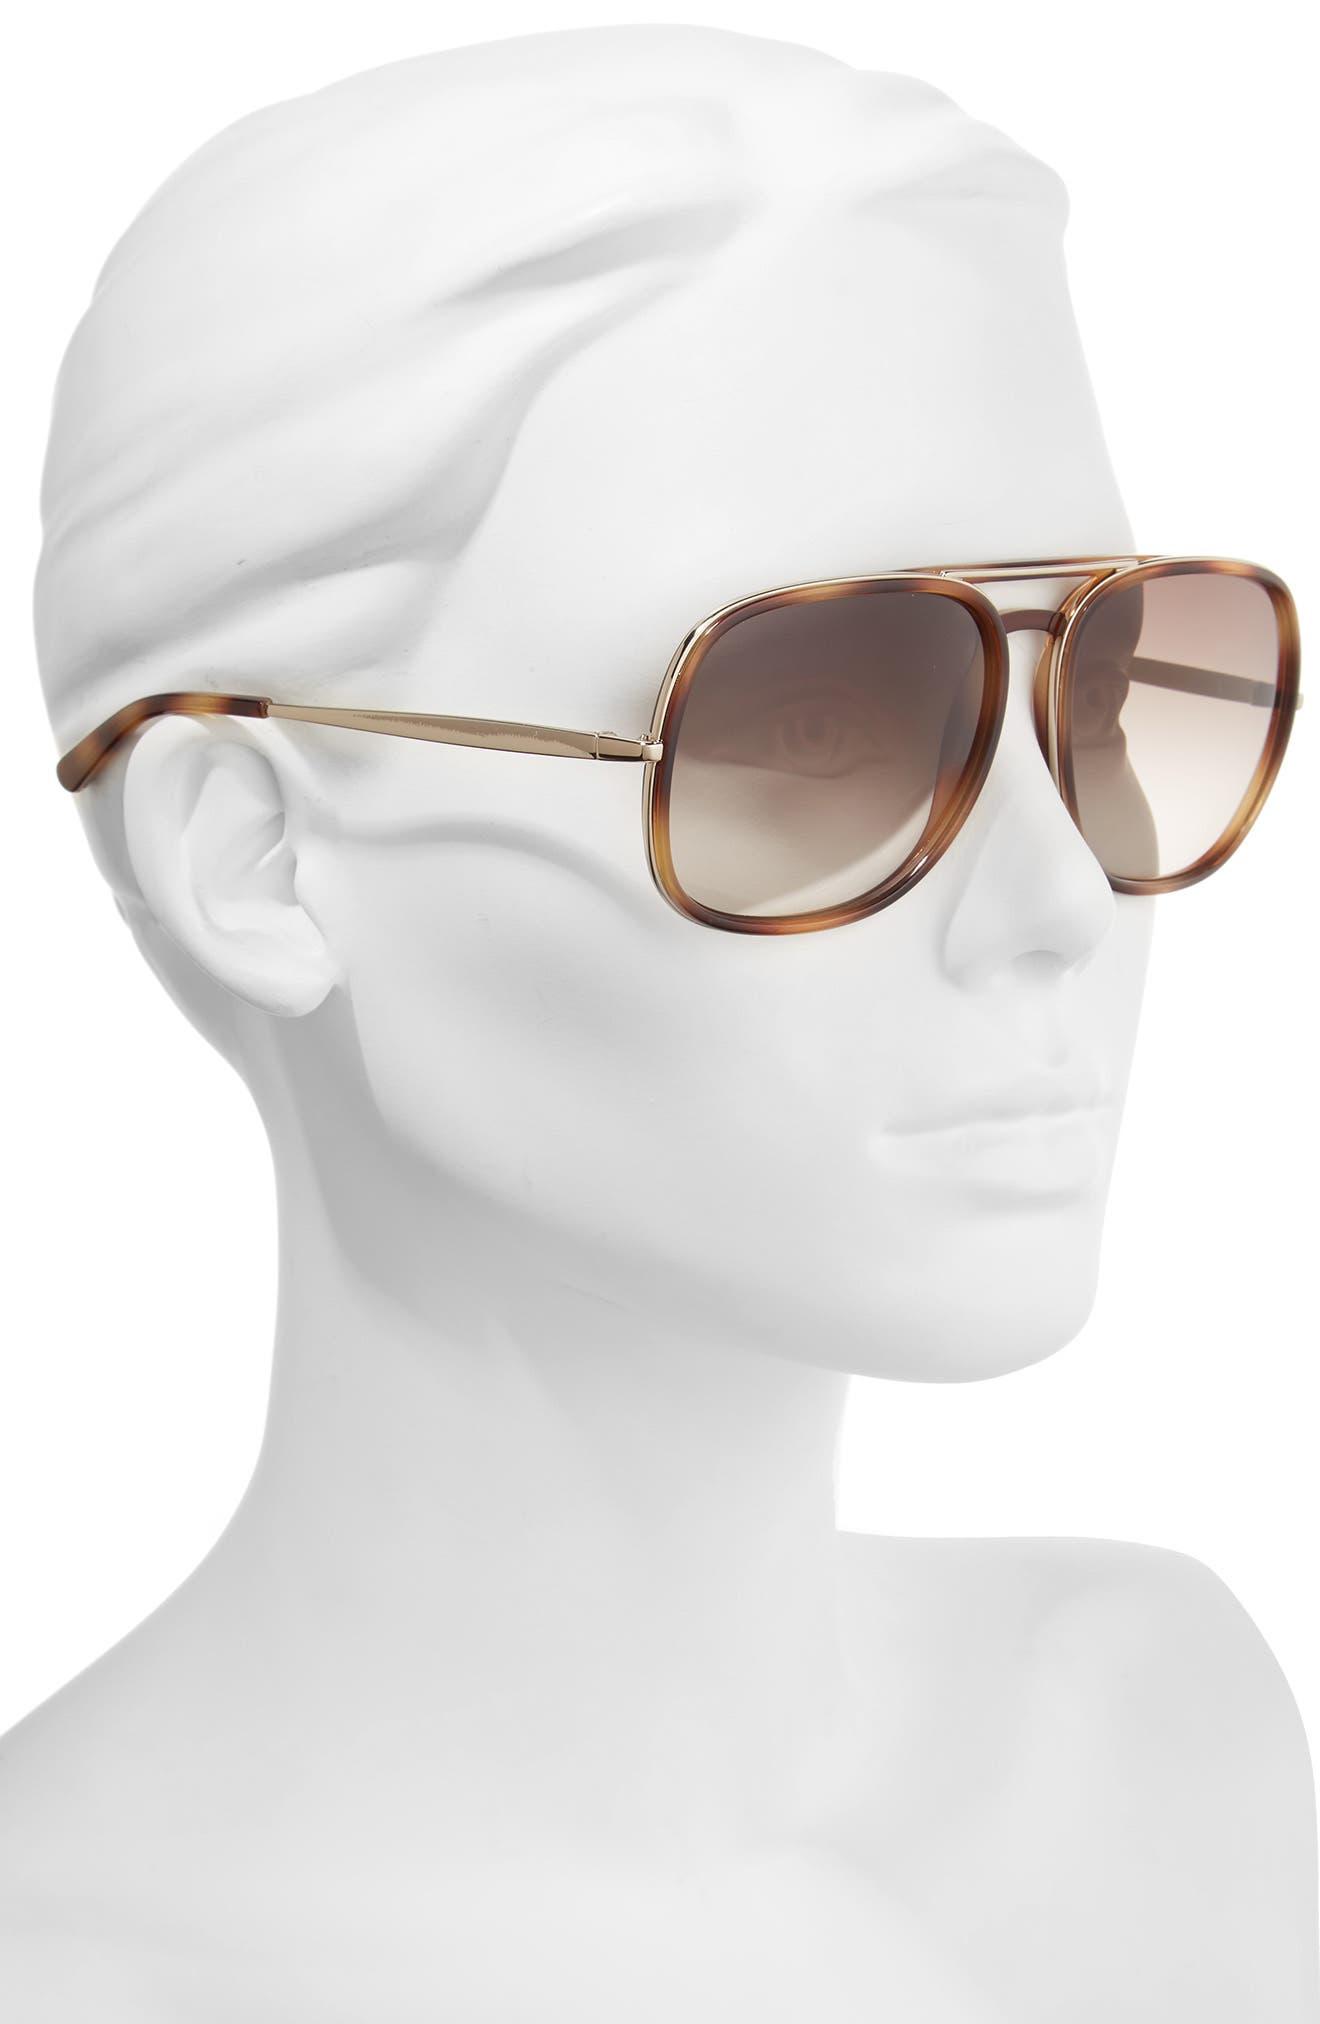 60mm Gradient Lens Navigator Sunglasses,                             Alternate thumbnail 2, color,                             Tortoise